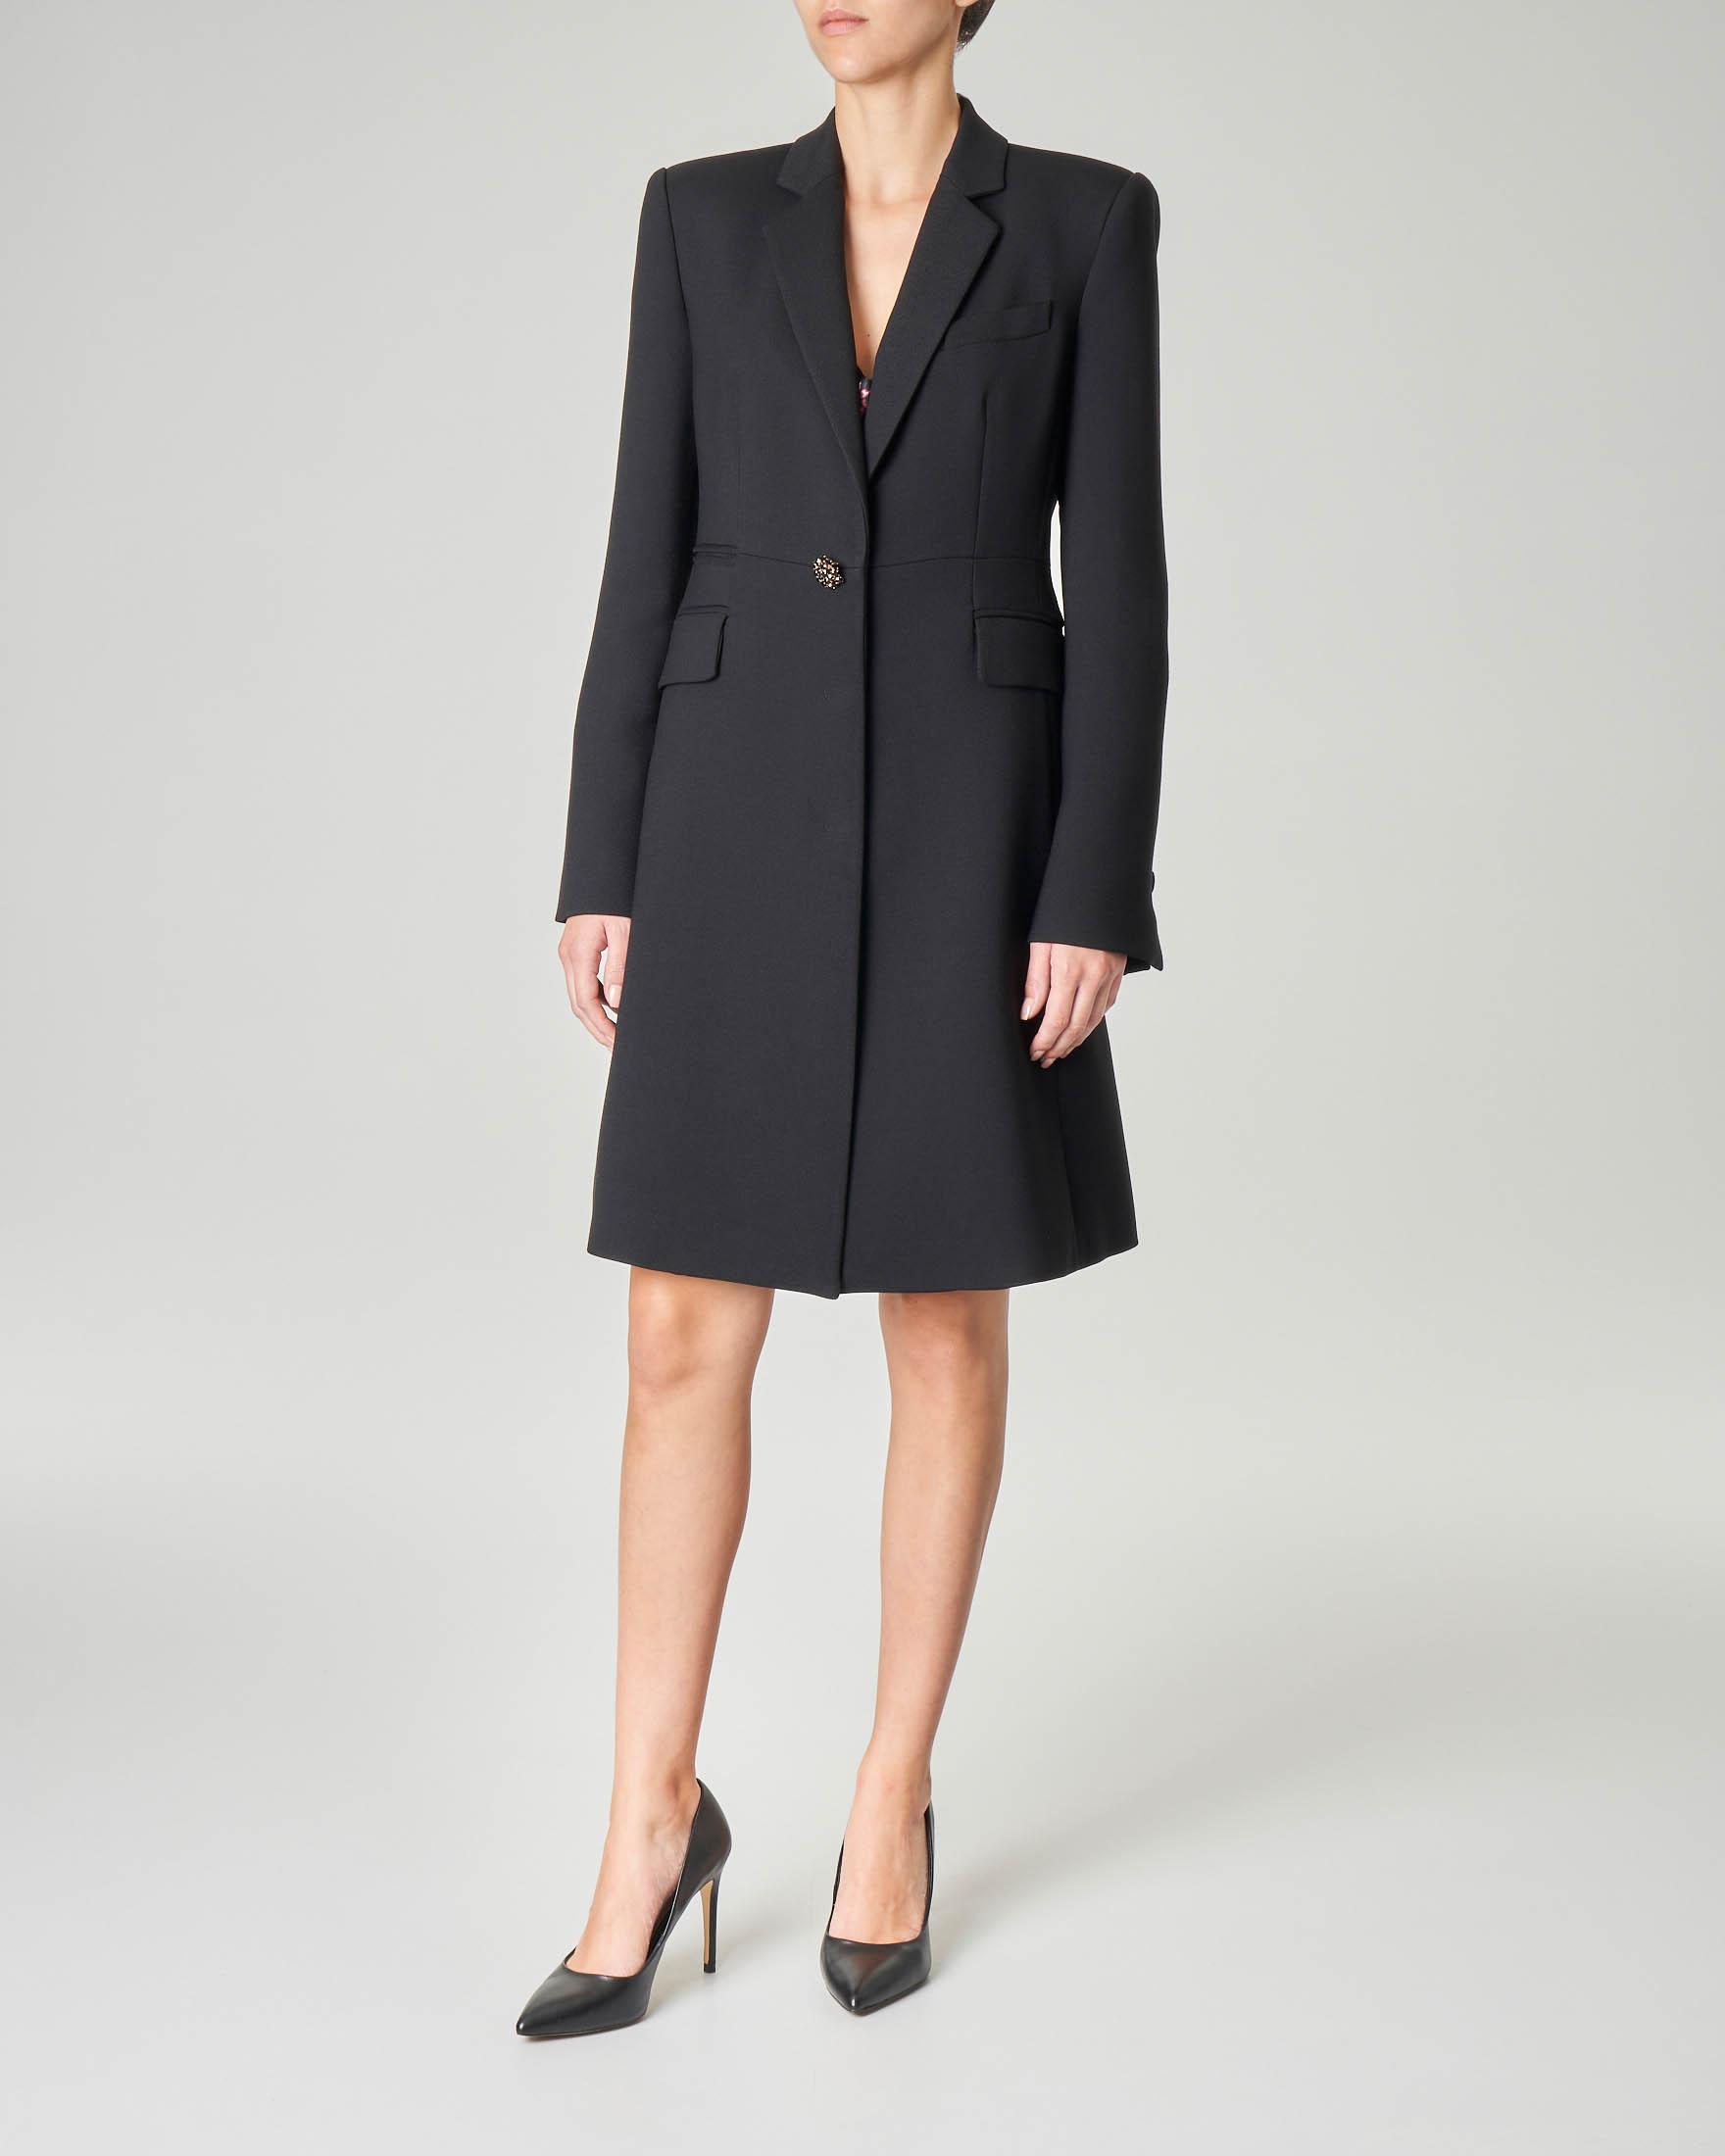 Cappottino nero sfiancato in tessuto misto viscosa con chiusura a un bottone gioiello